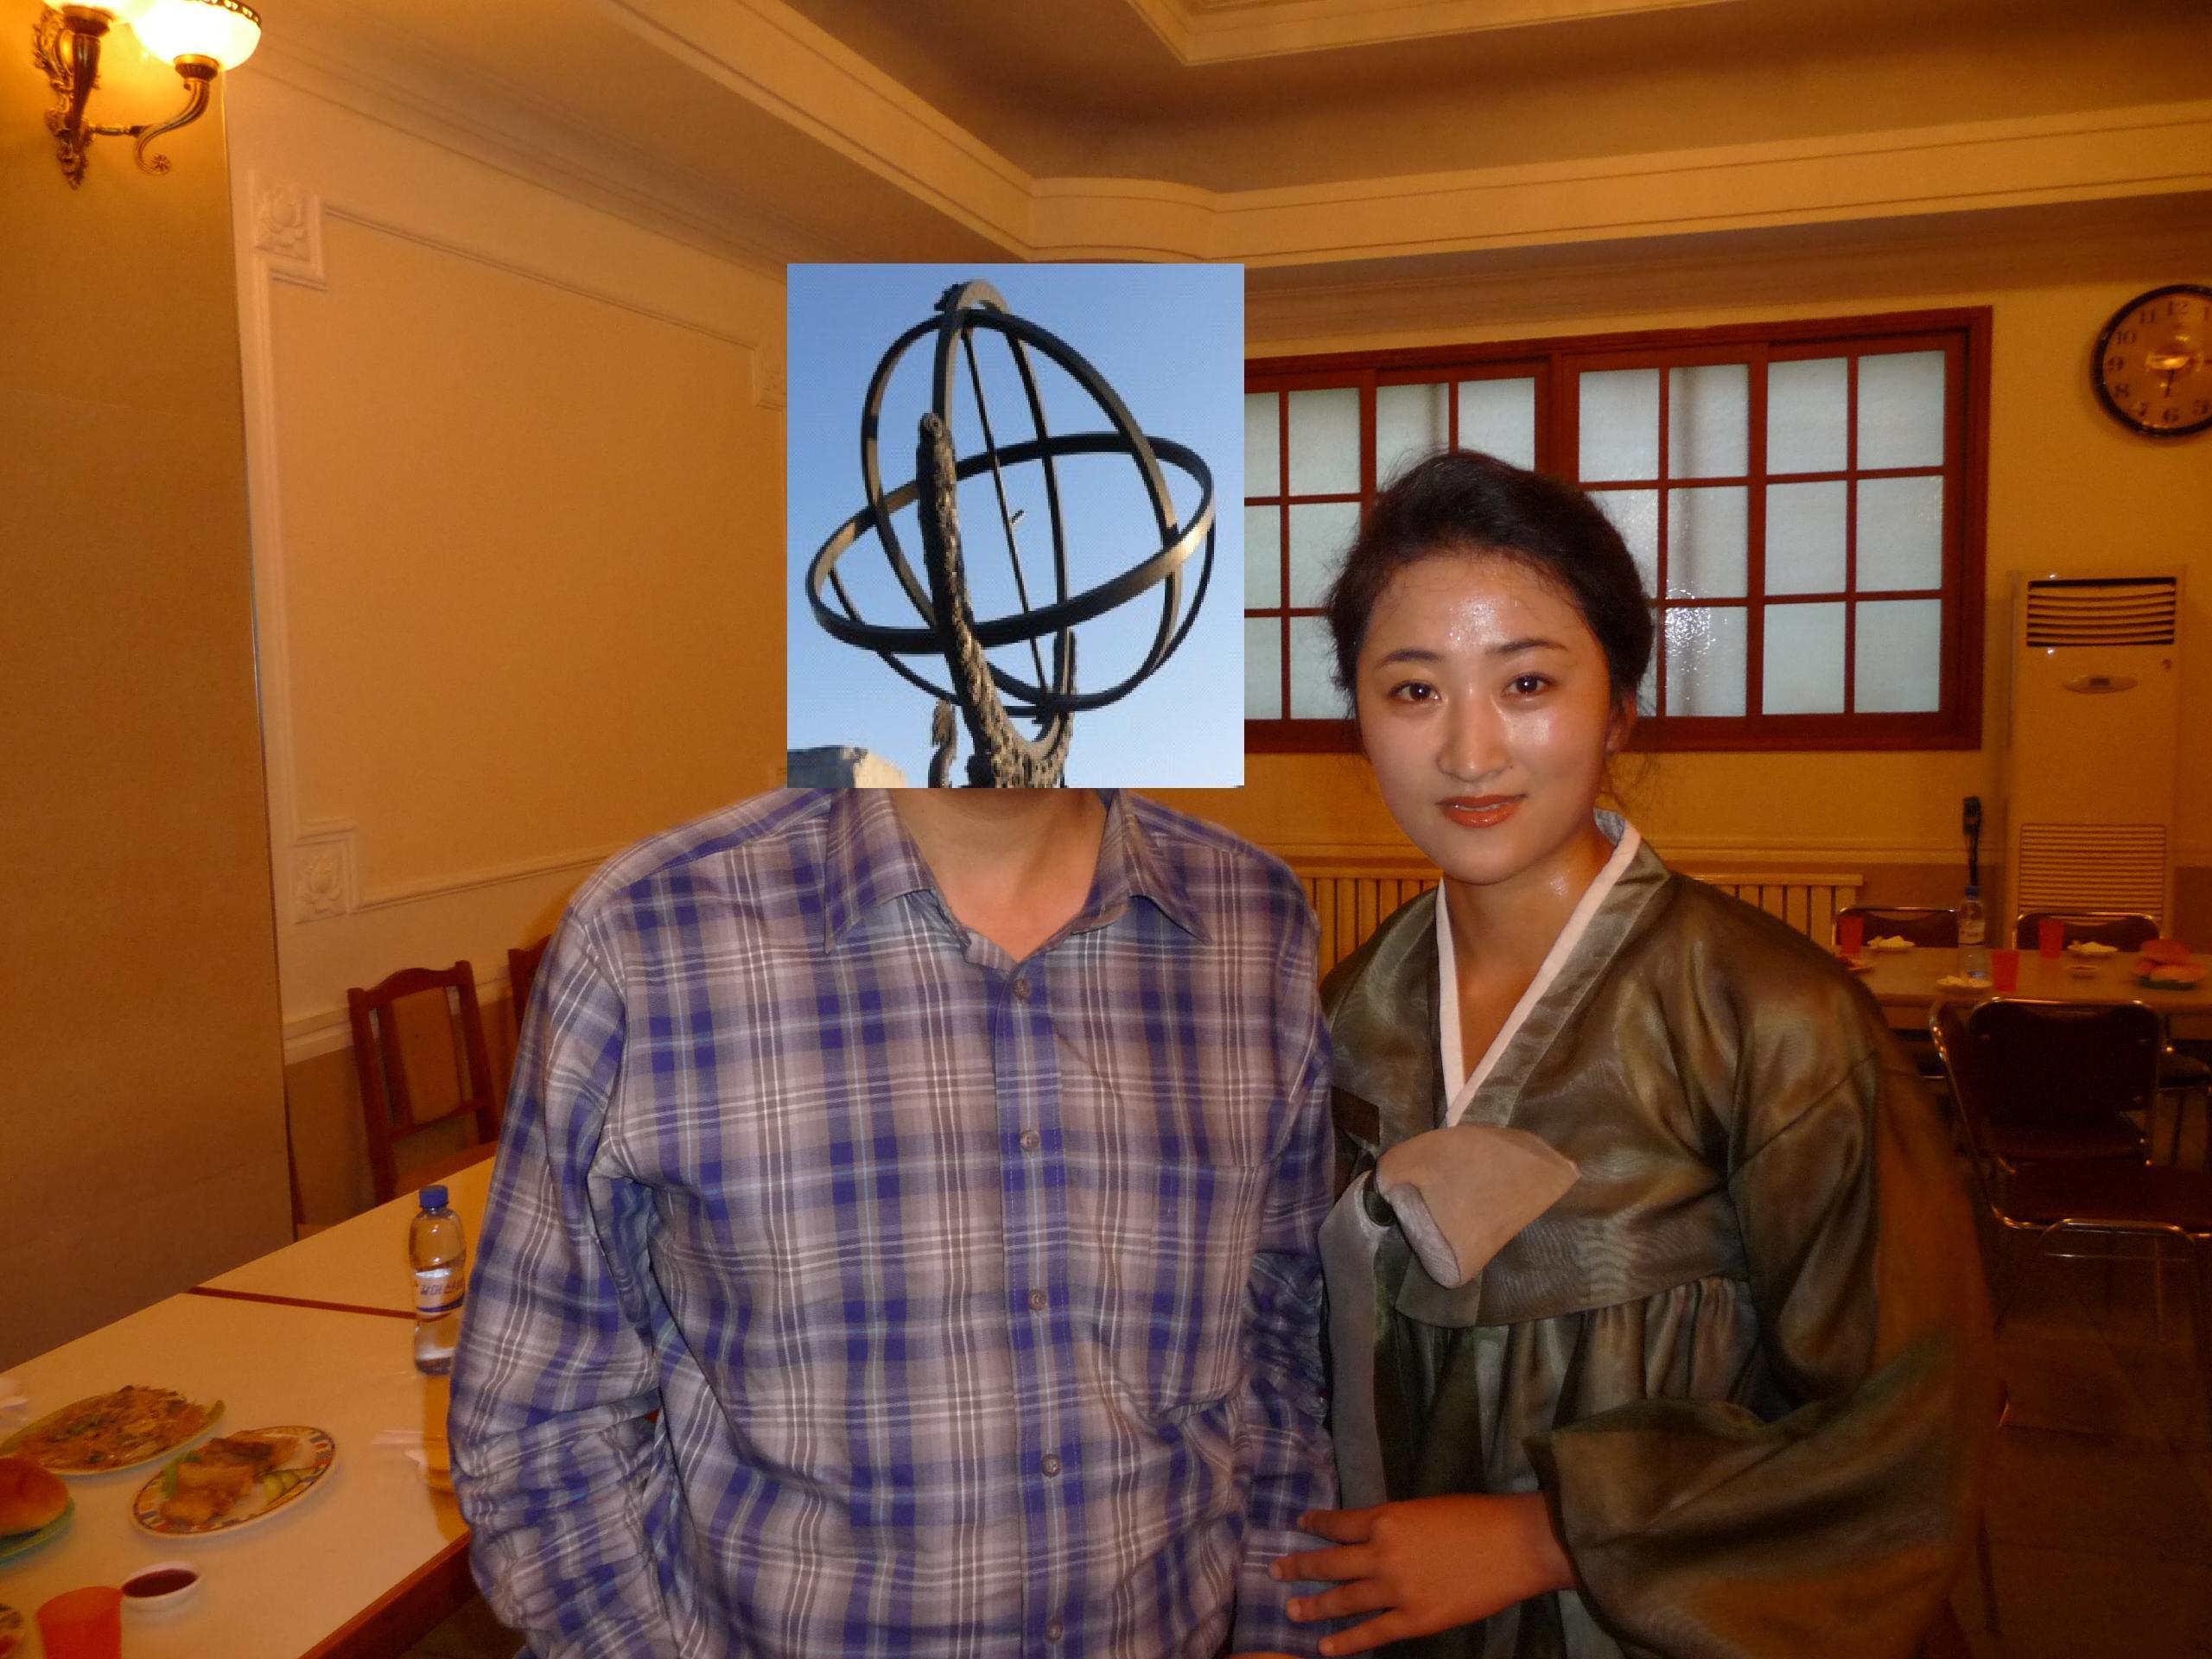 朝鲜 什么 花束/中朝友谊塔,朝方在此卖花束。20元一束,循环使用。